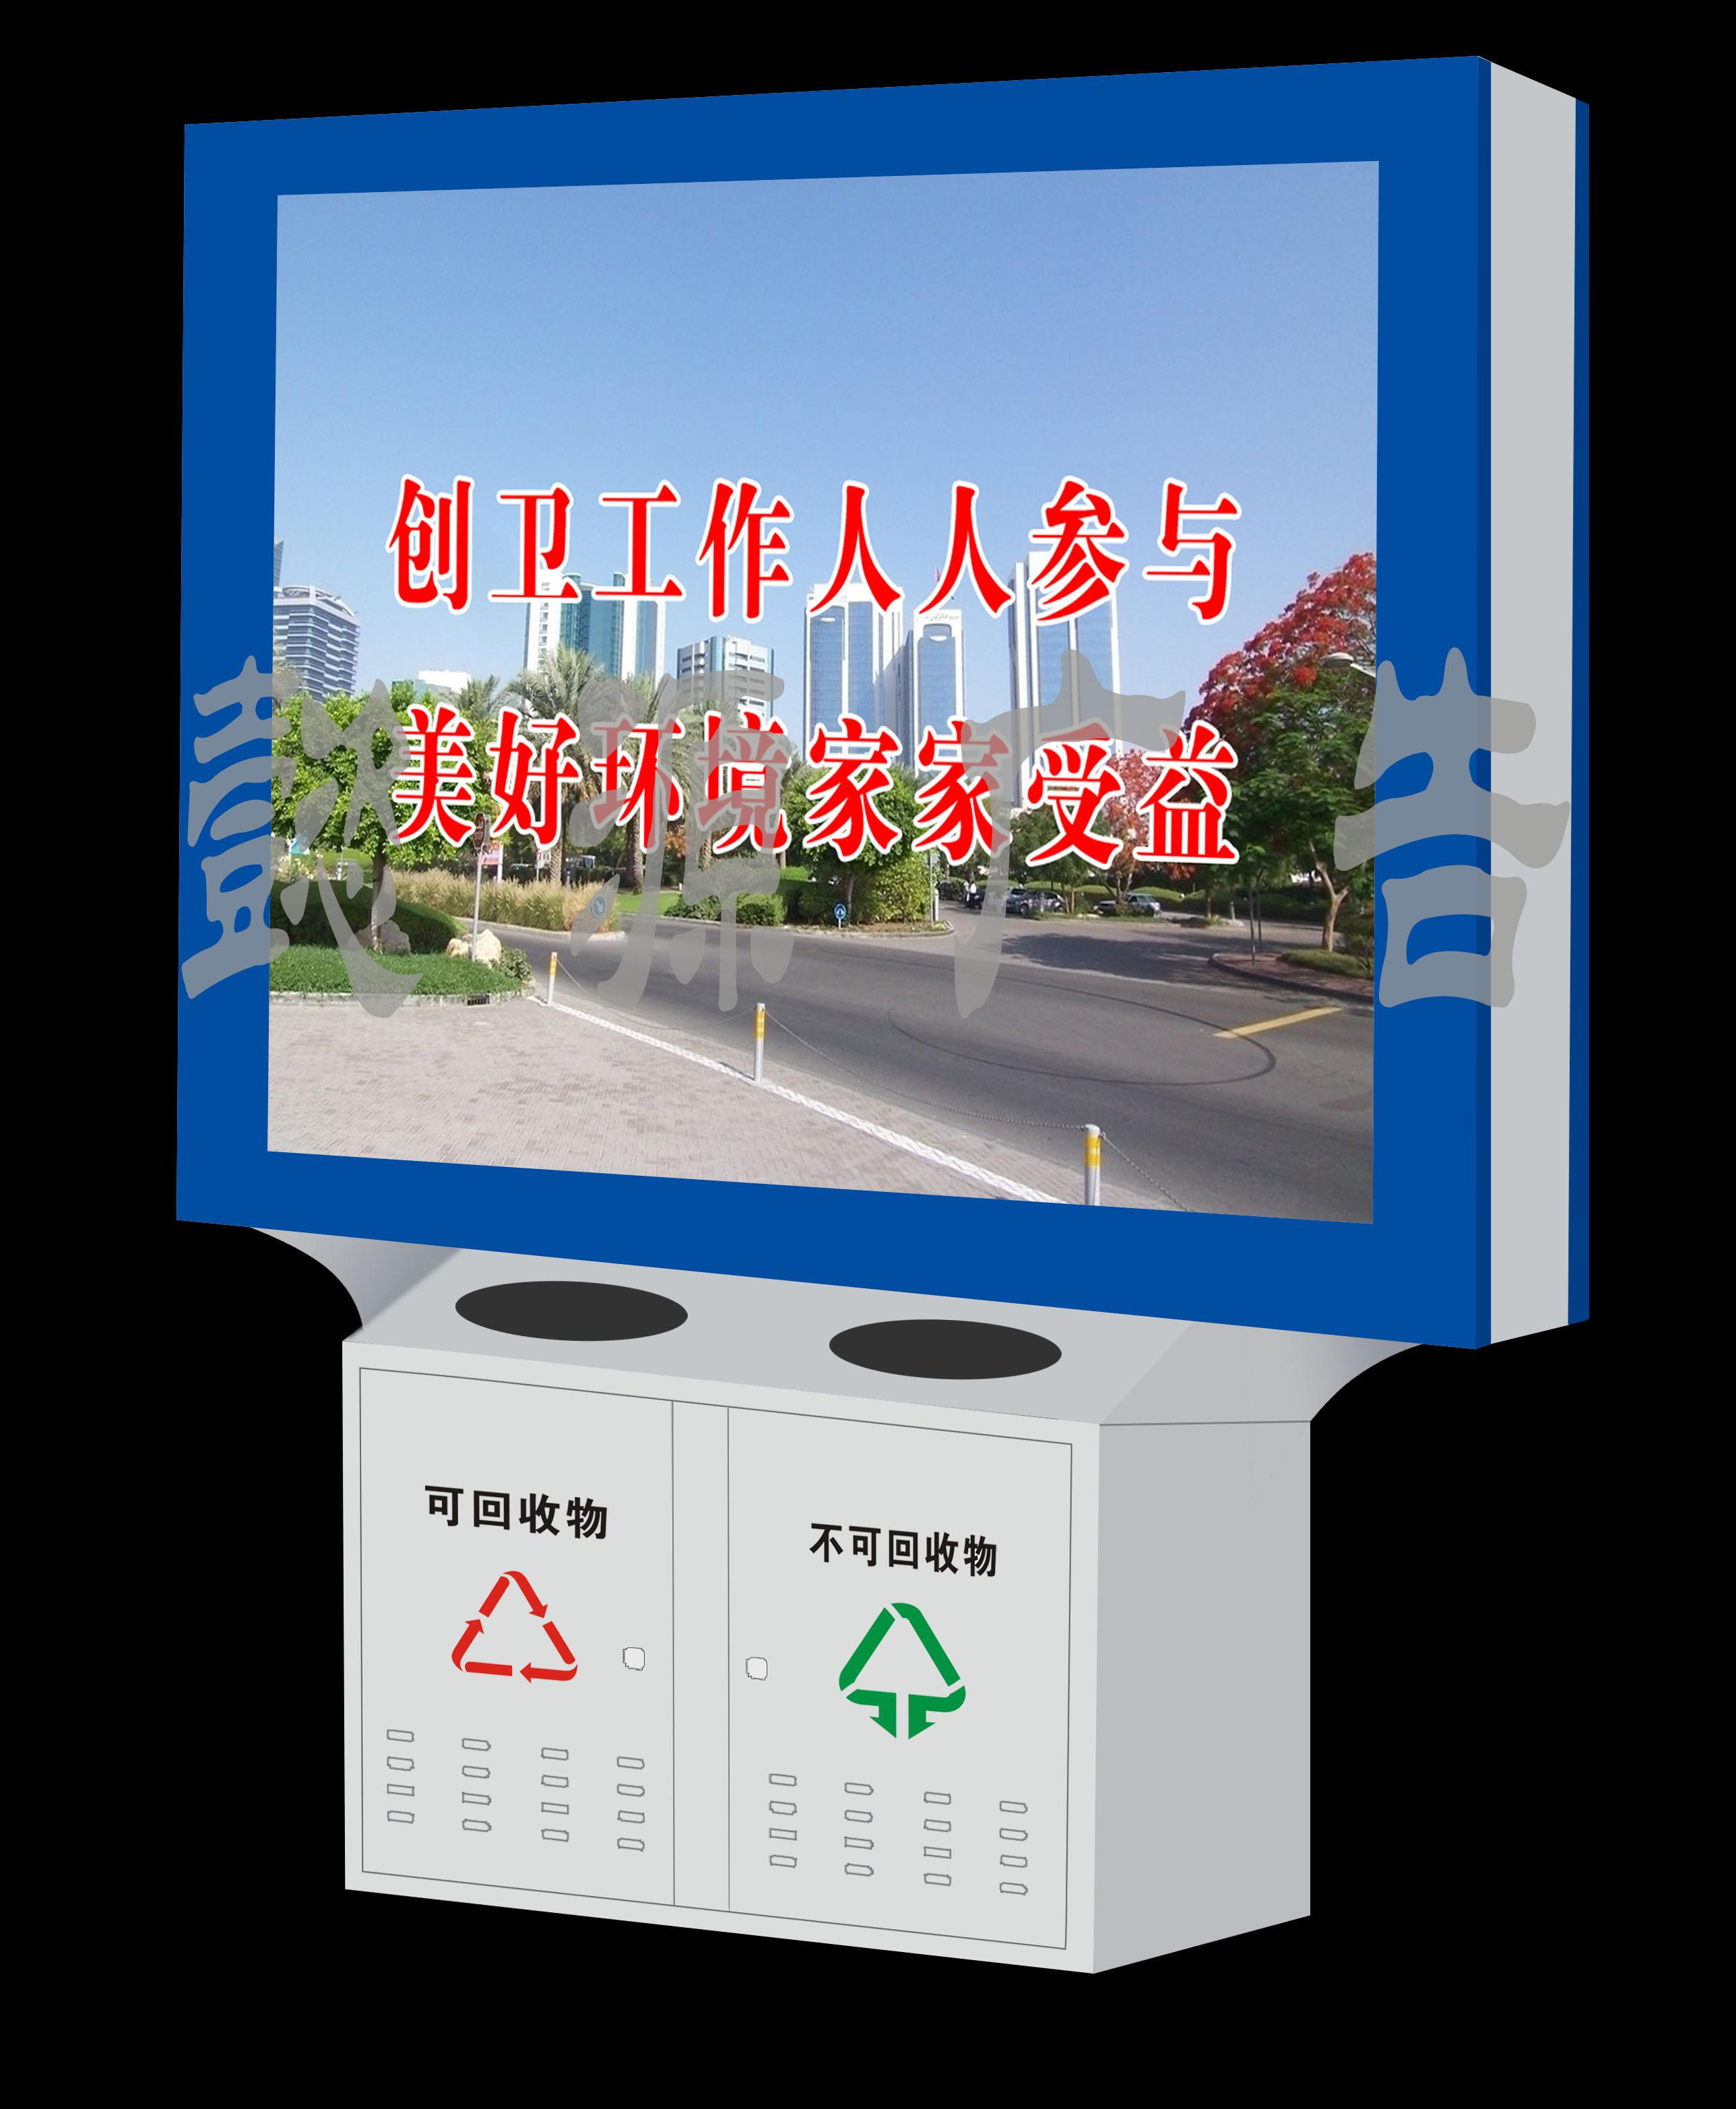 广告垃圾箱LGX-102